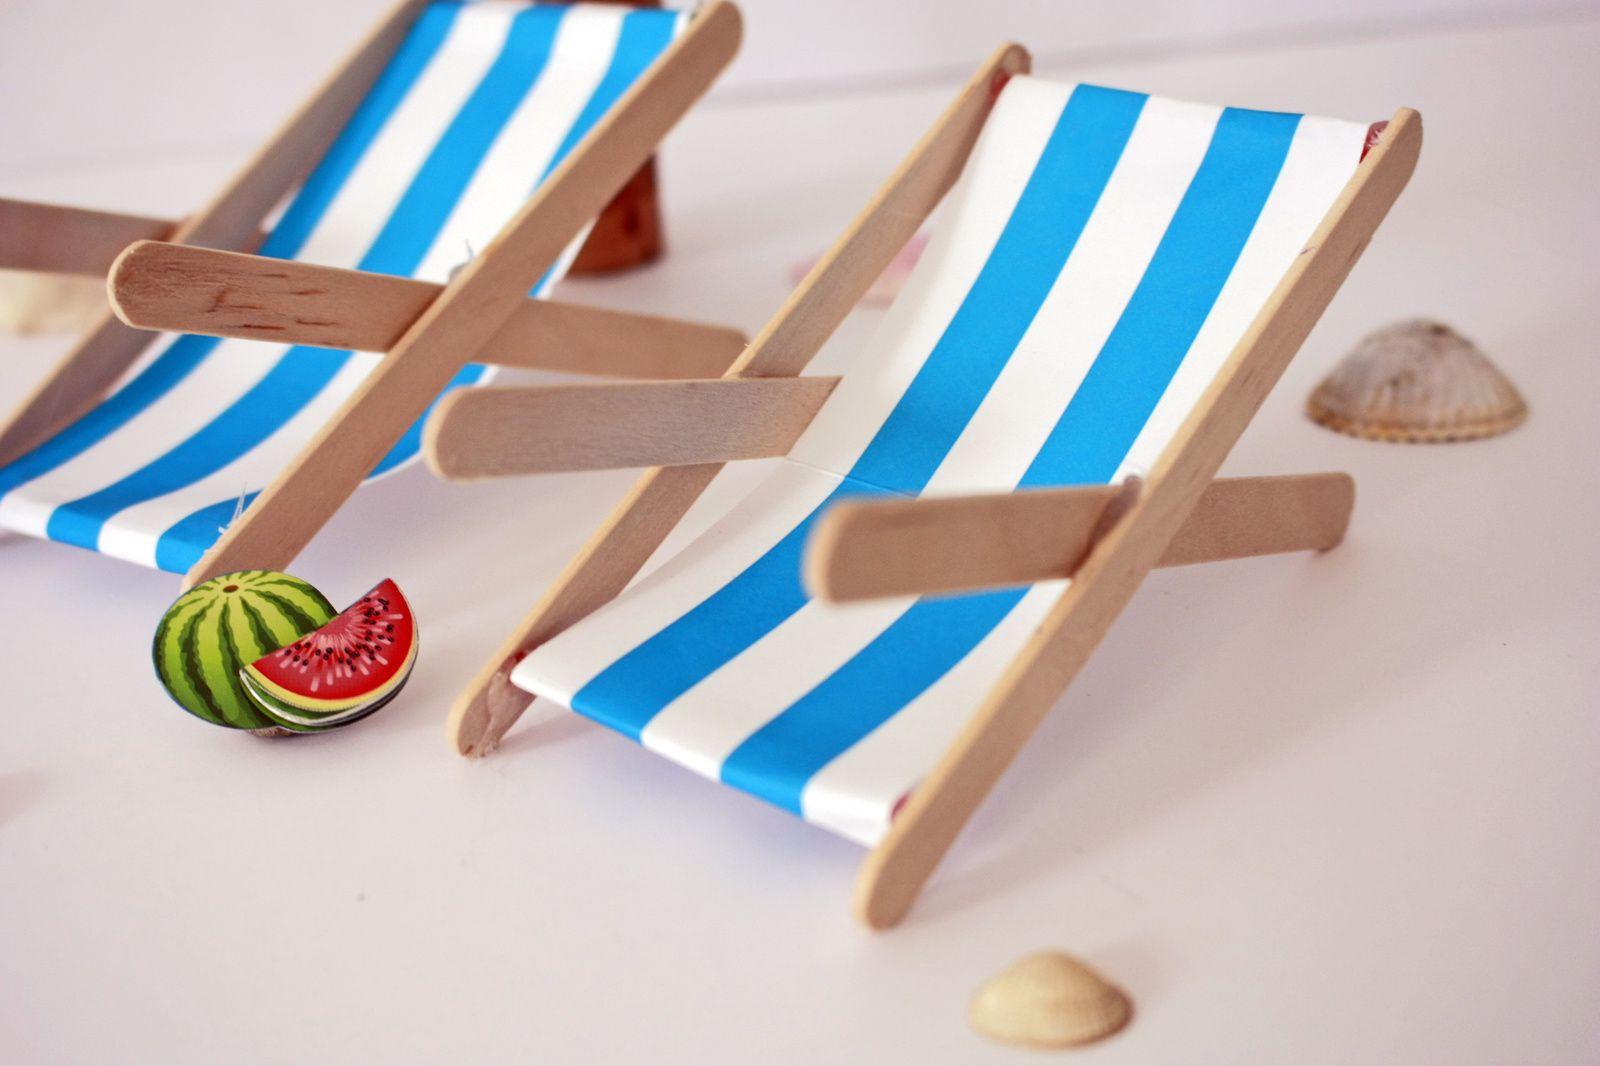 Le style bord de mer pour table d'été !